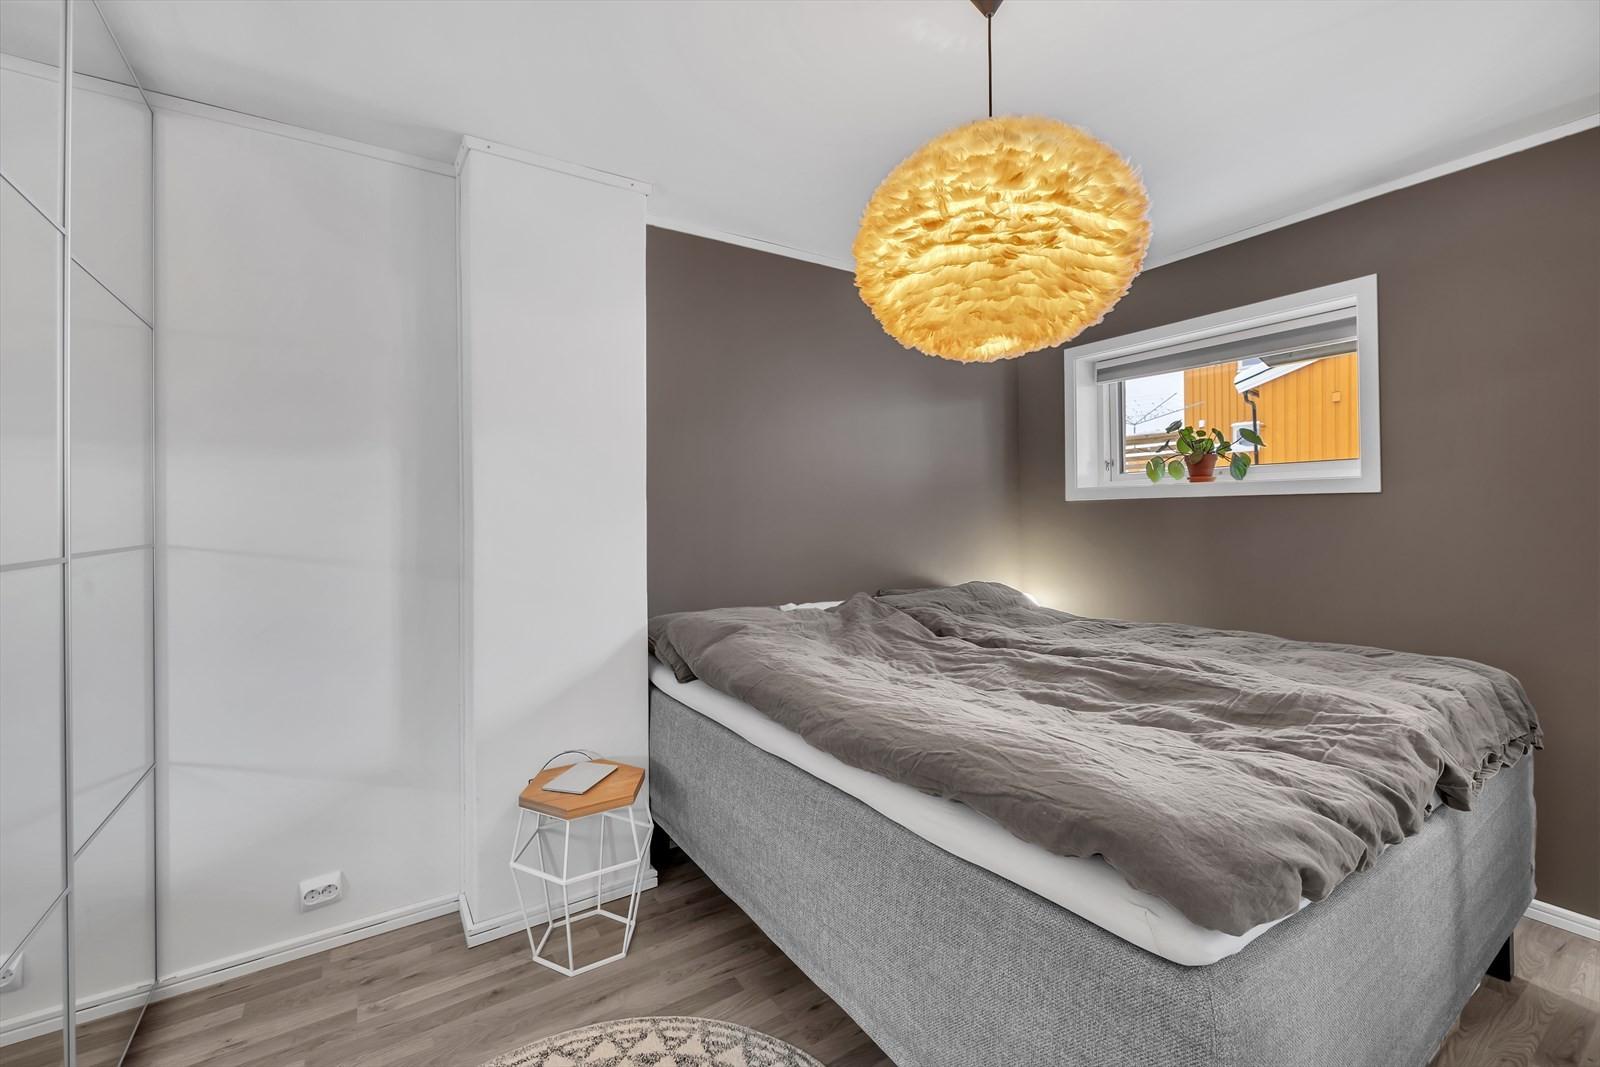 Leiligheten har 2 soverom. Bildet viser hovedsoverommet  hvor du font får plass til både dobbeltseng og garderobeskap